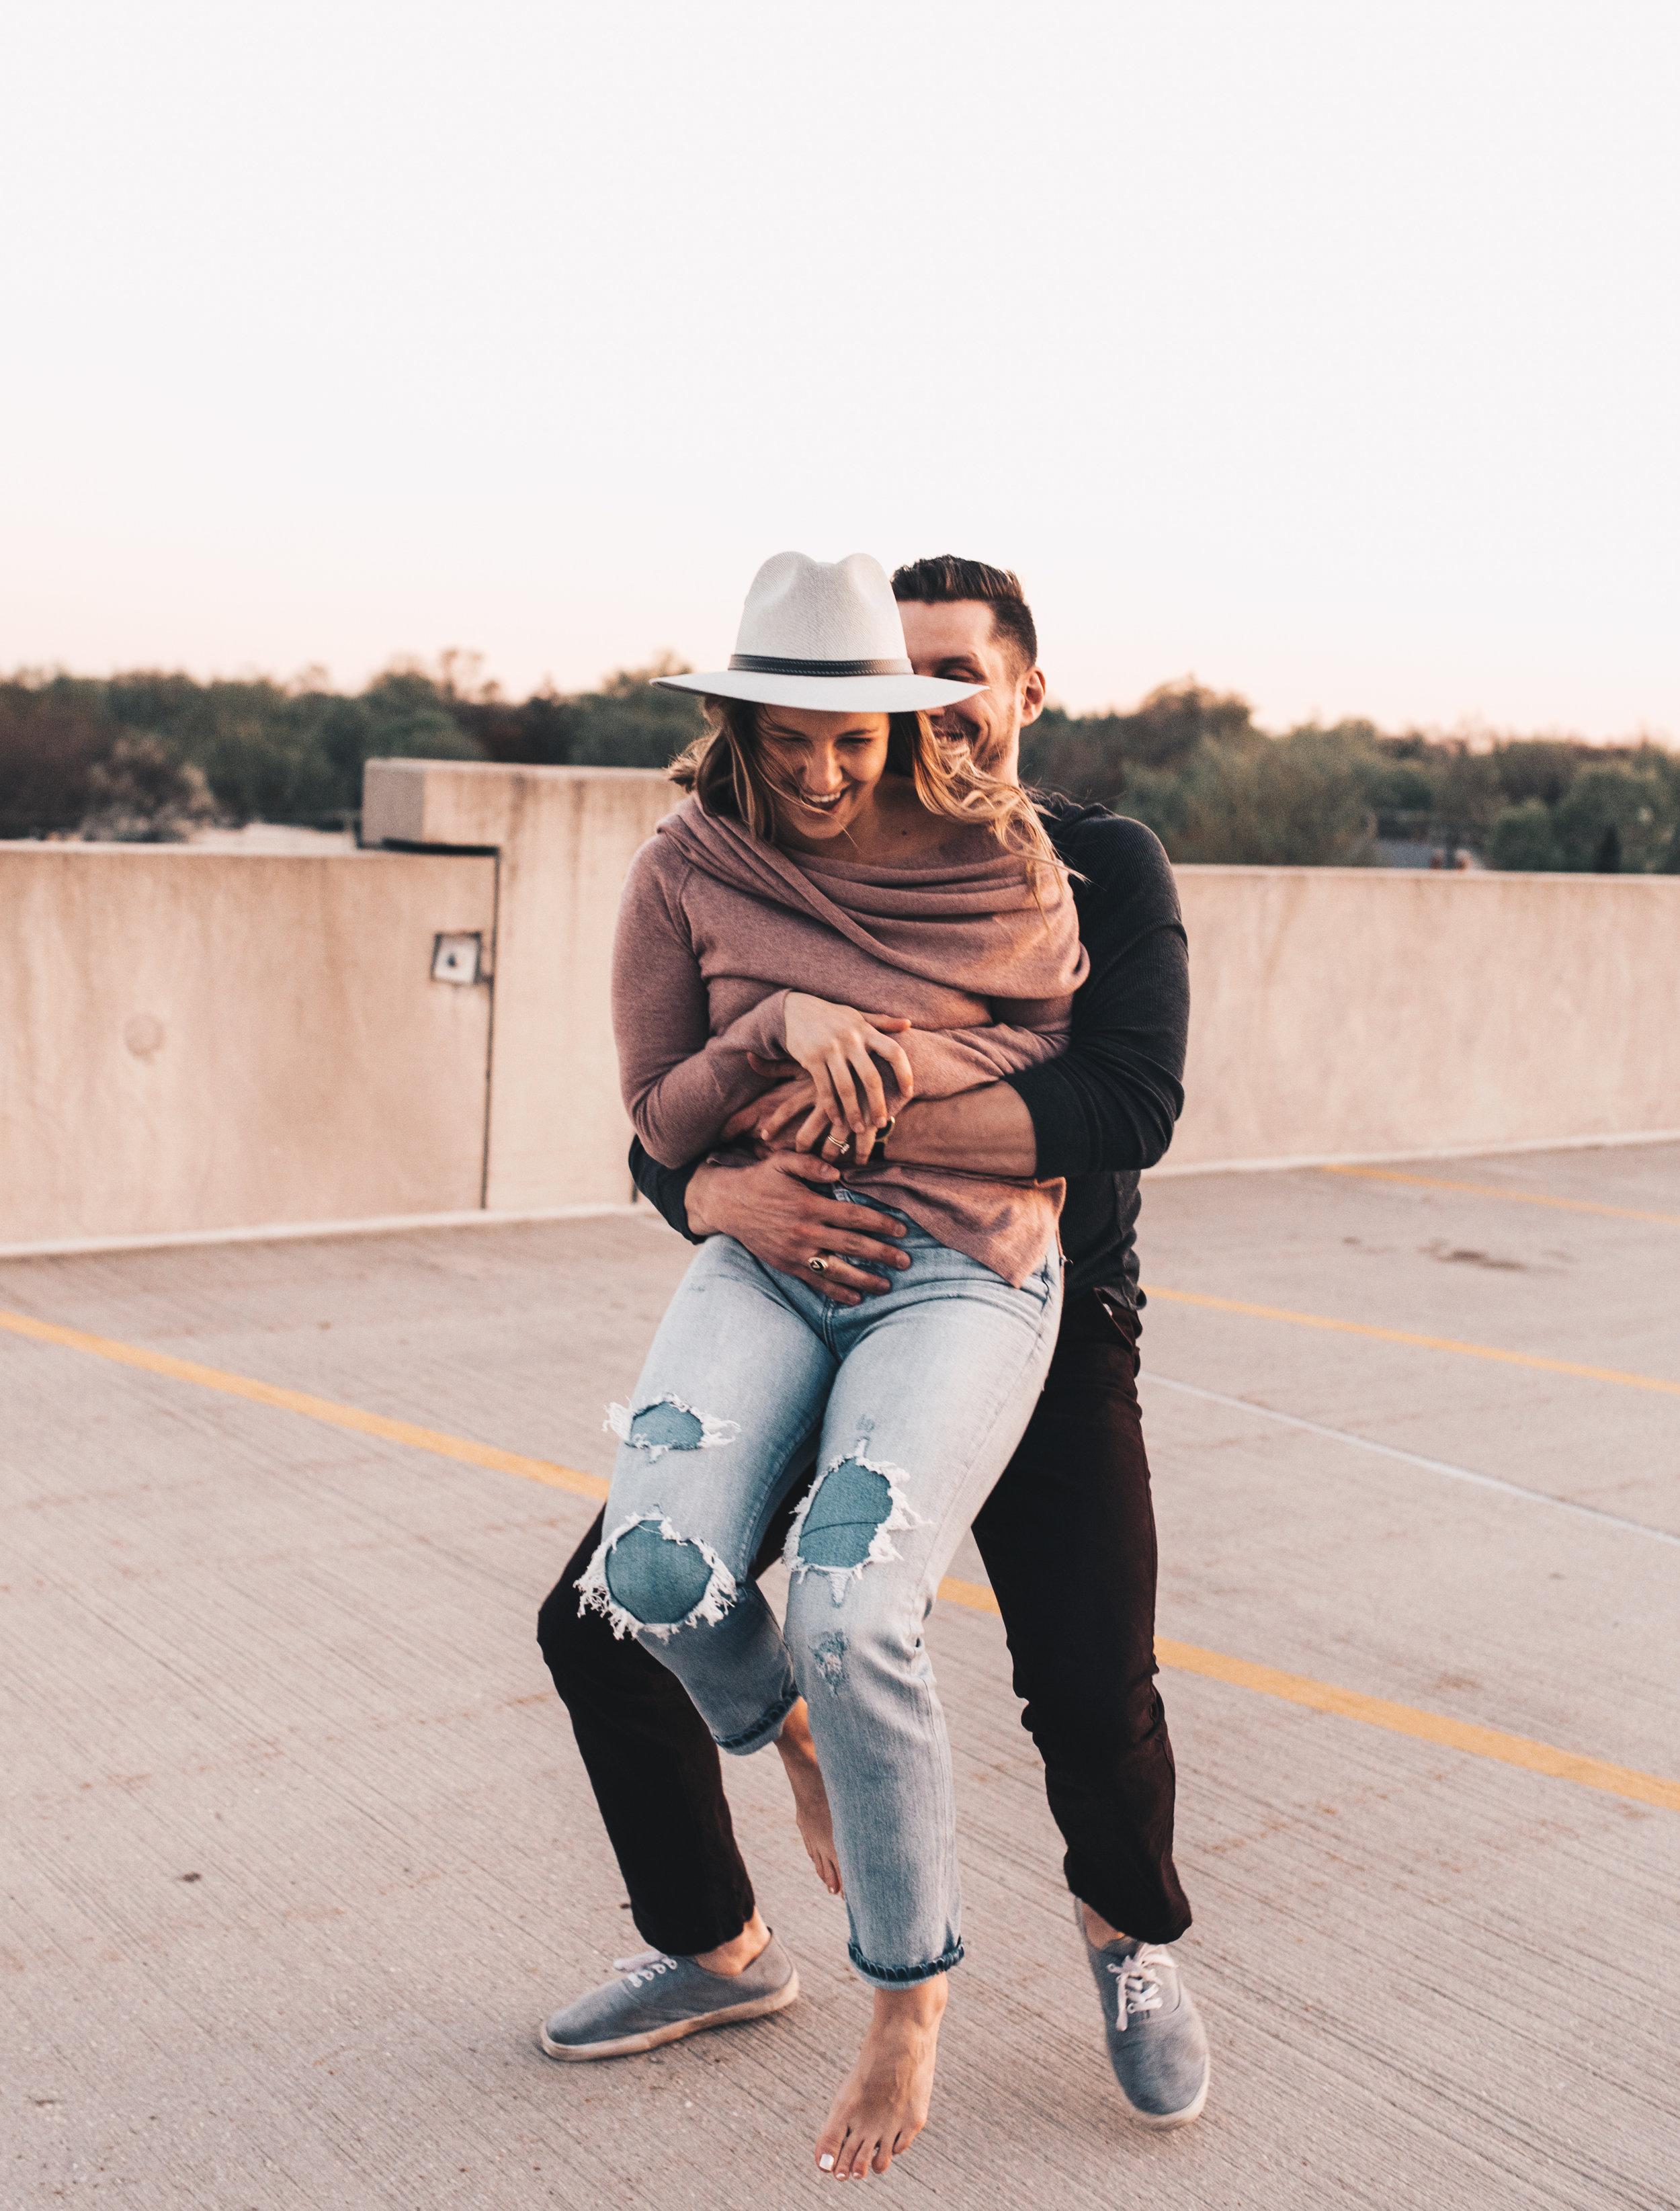 Parking Garage Couples Session, Parking Garage Engagement Session, Longboard Couples Session, Longboard Engagement Session, Skateboard Engagement Session, Skateboard Couples Session